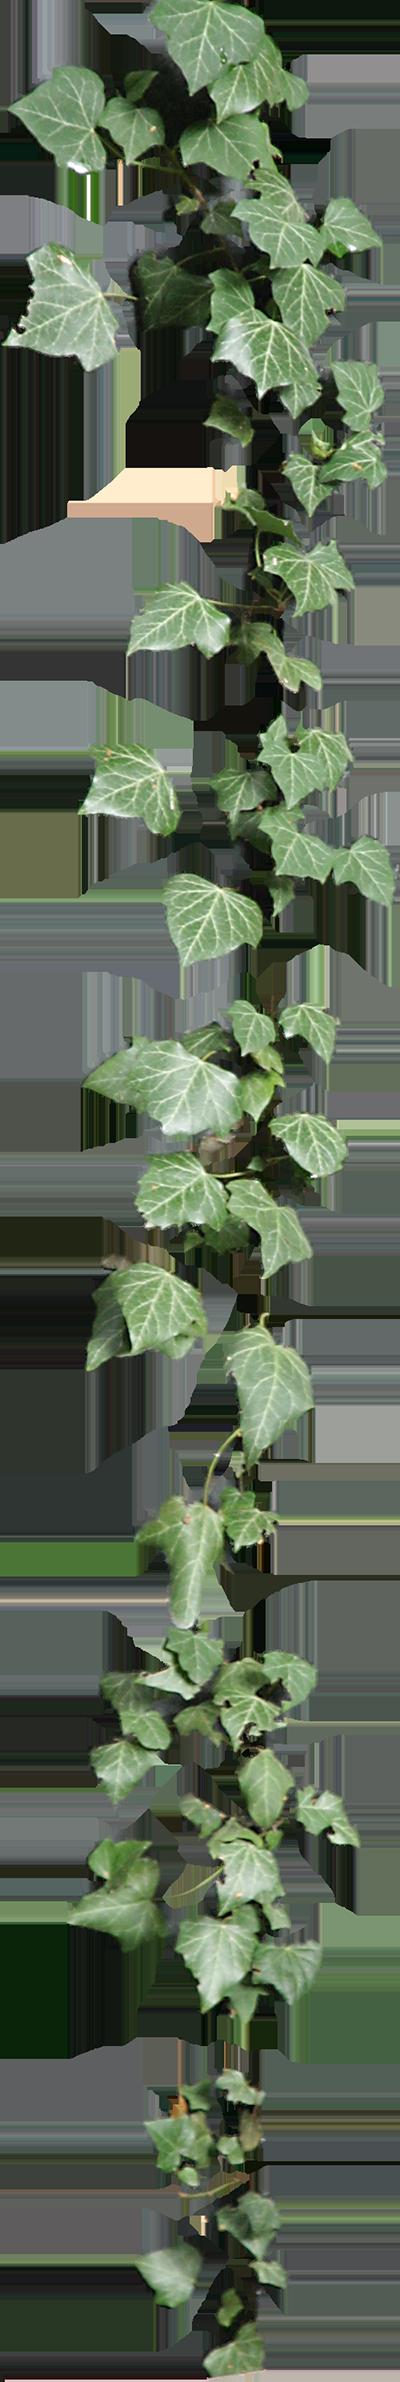 Ivy Cirrus By Lilifilane On Deviantart